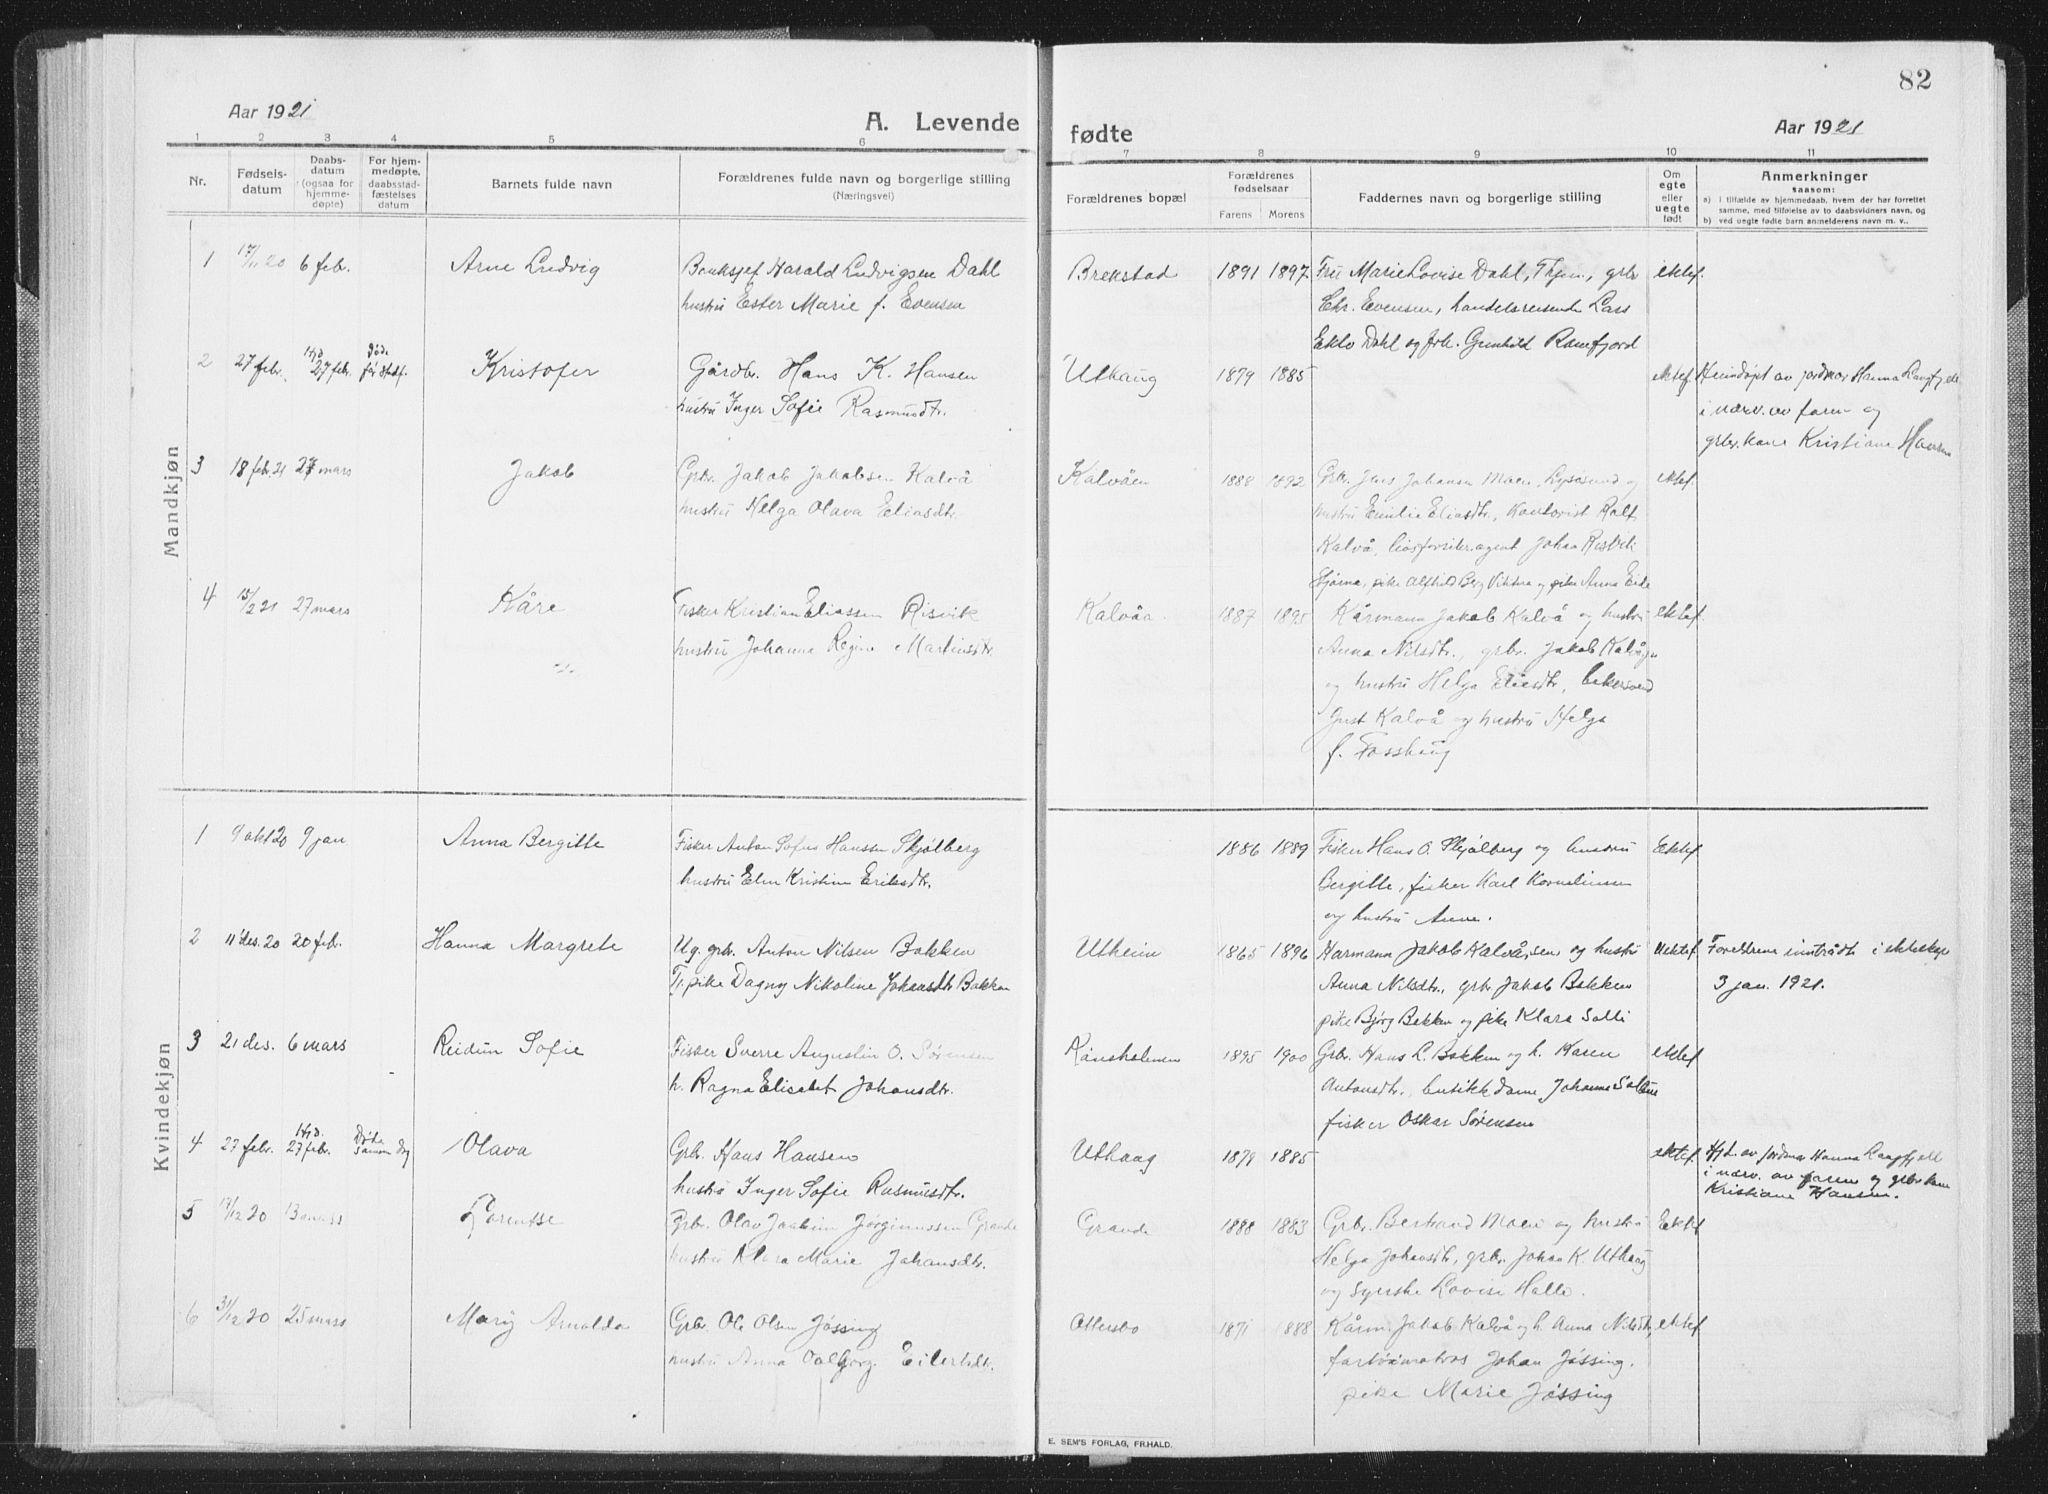 SAT, Ministerialprotokoller, klokkerbøker og fødselsregistre - Sør-Trøndelag, 659/L0747: Klokkerbok nr. 659C04, 1913-1938, s. 82